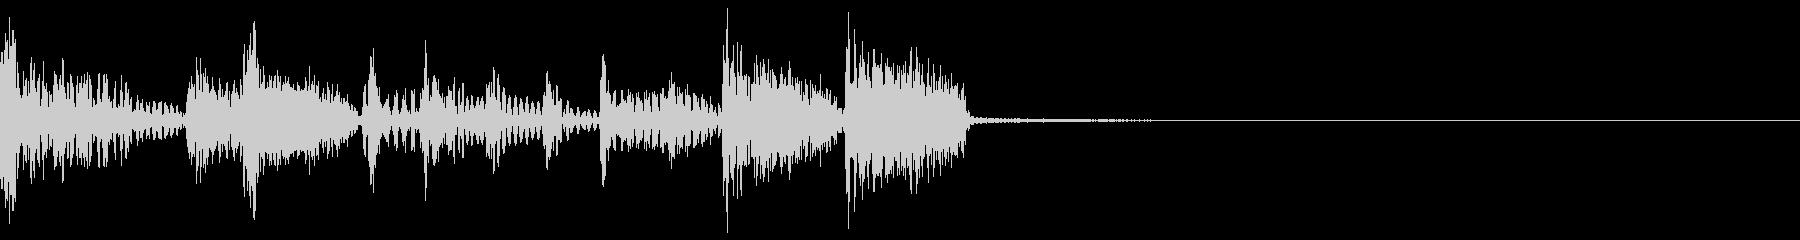 速めなスラップベースのジングルの未再生の波形